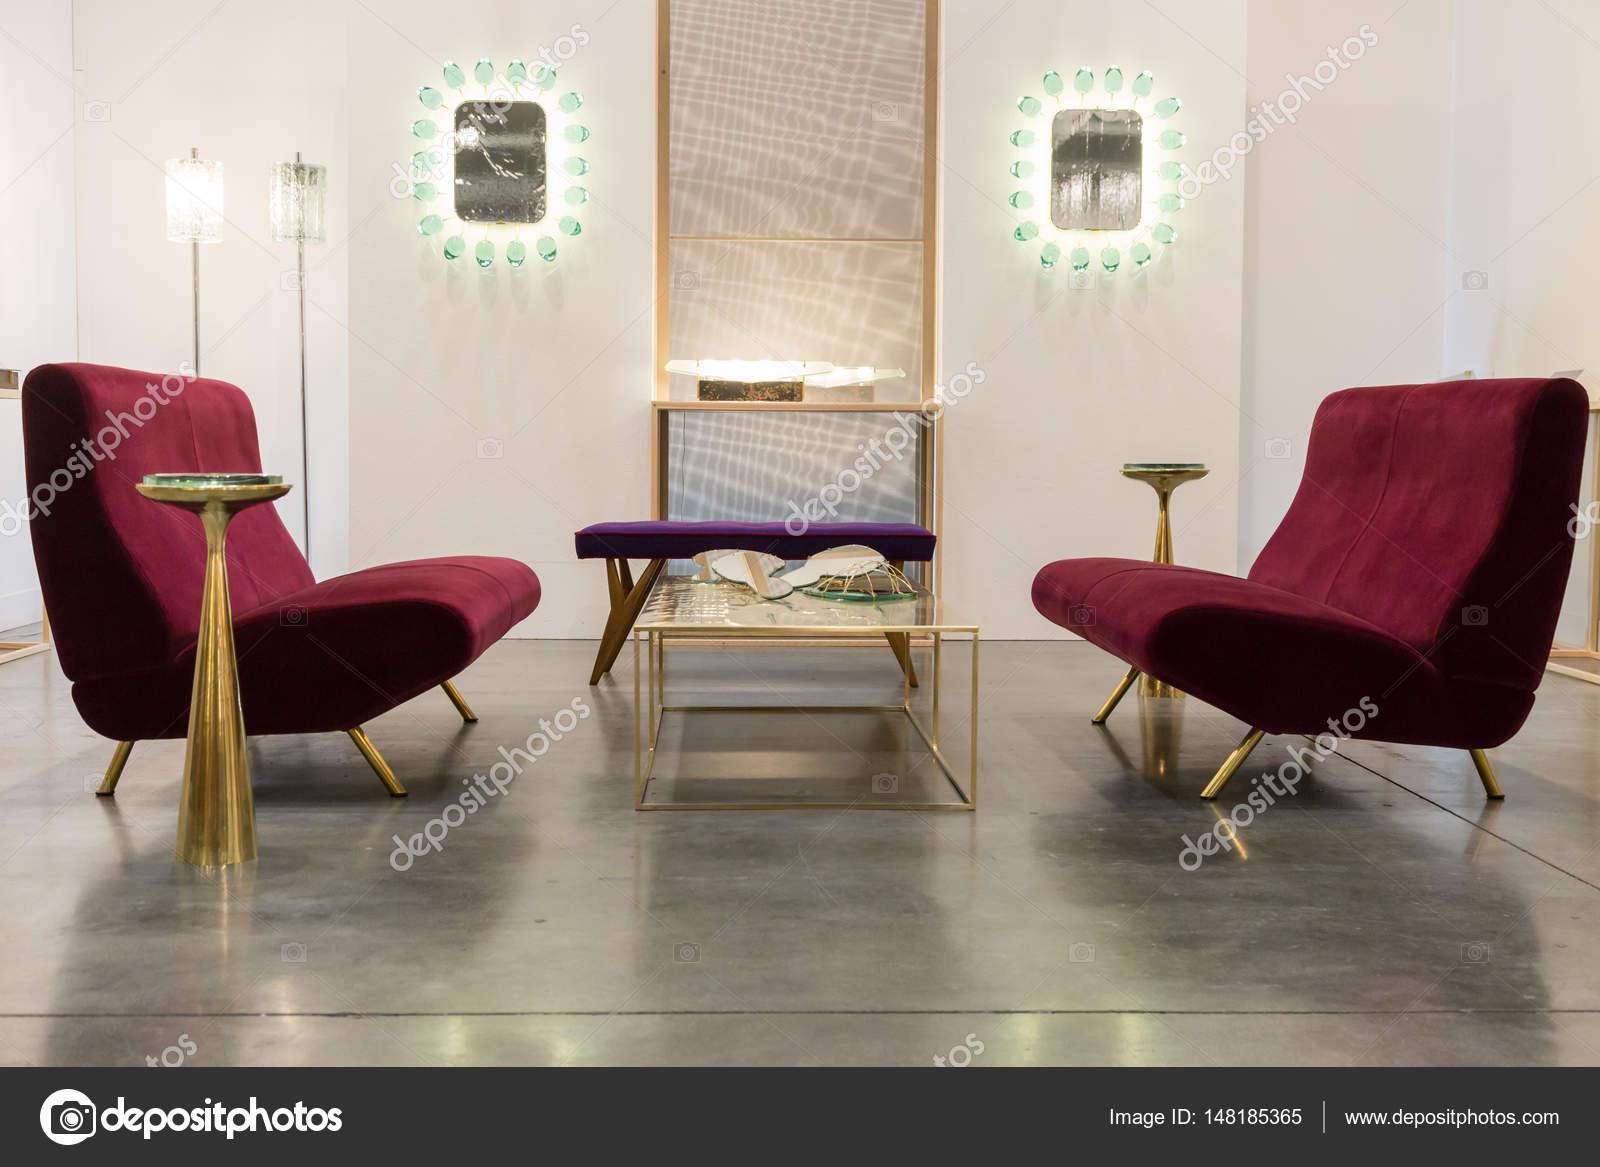 Designmöbel bei Miart 2017 in Mailand, Italien — Redaktionelles ...